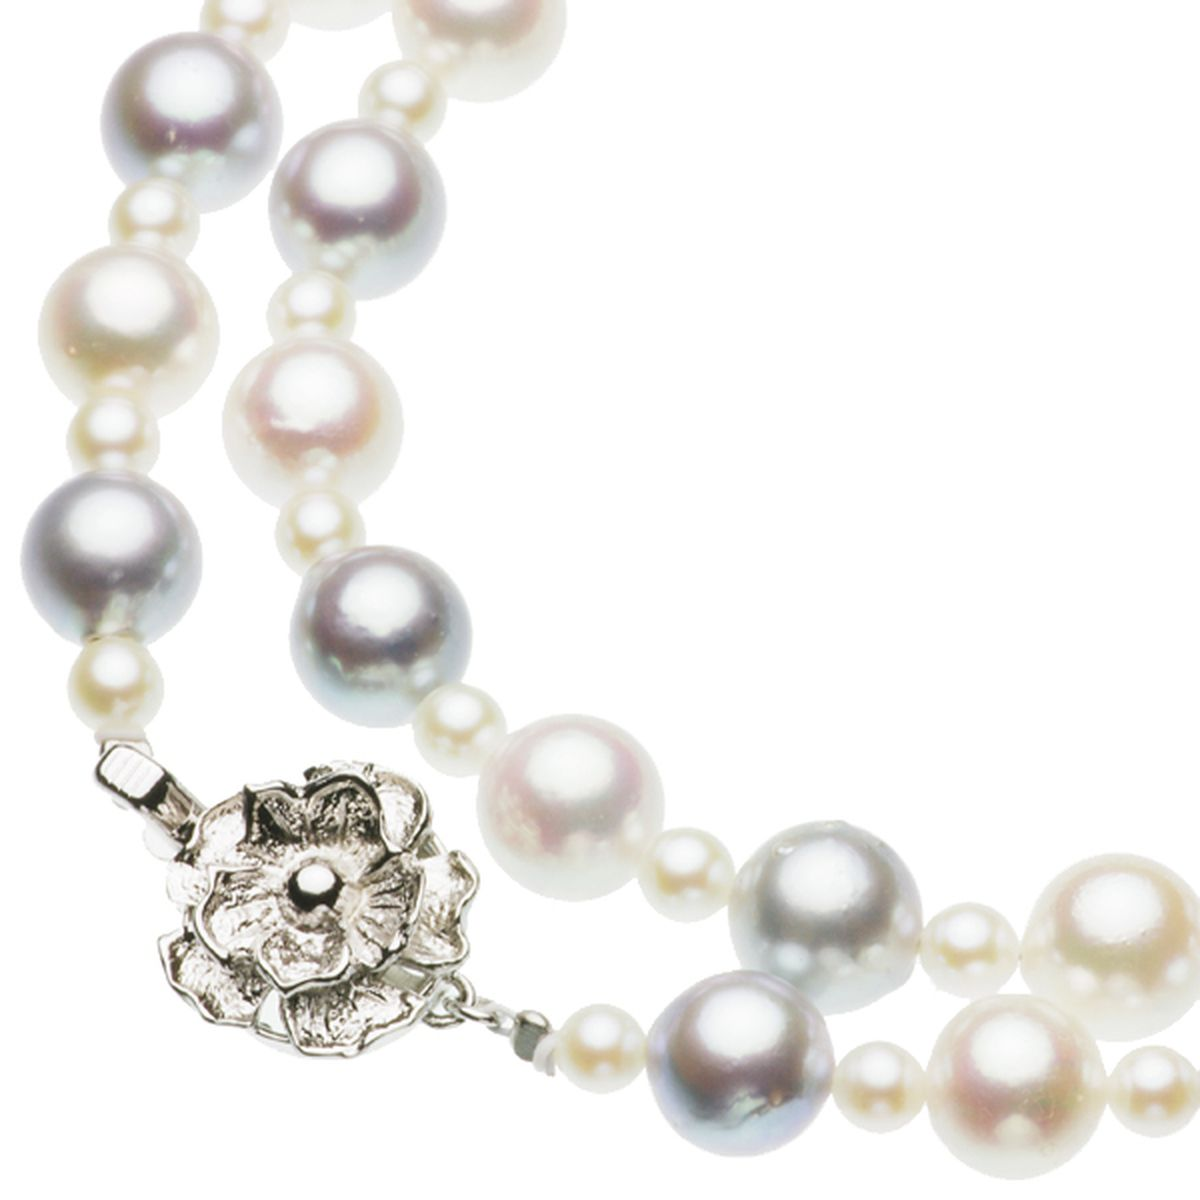 アコヤ真珠オリジナルデザインネックレス 約4.0-8.5mmの写真